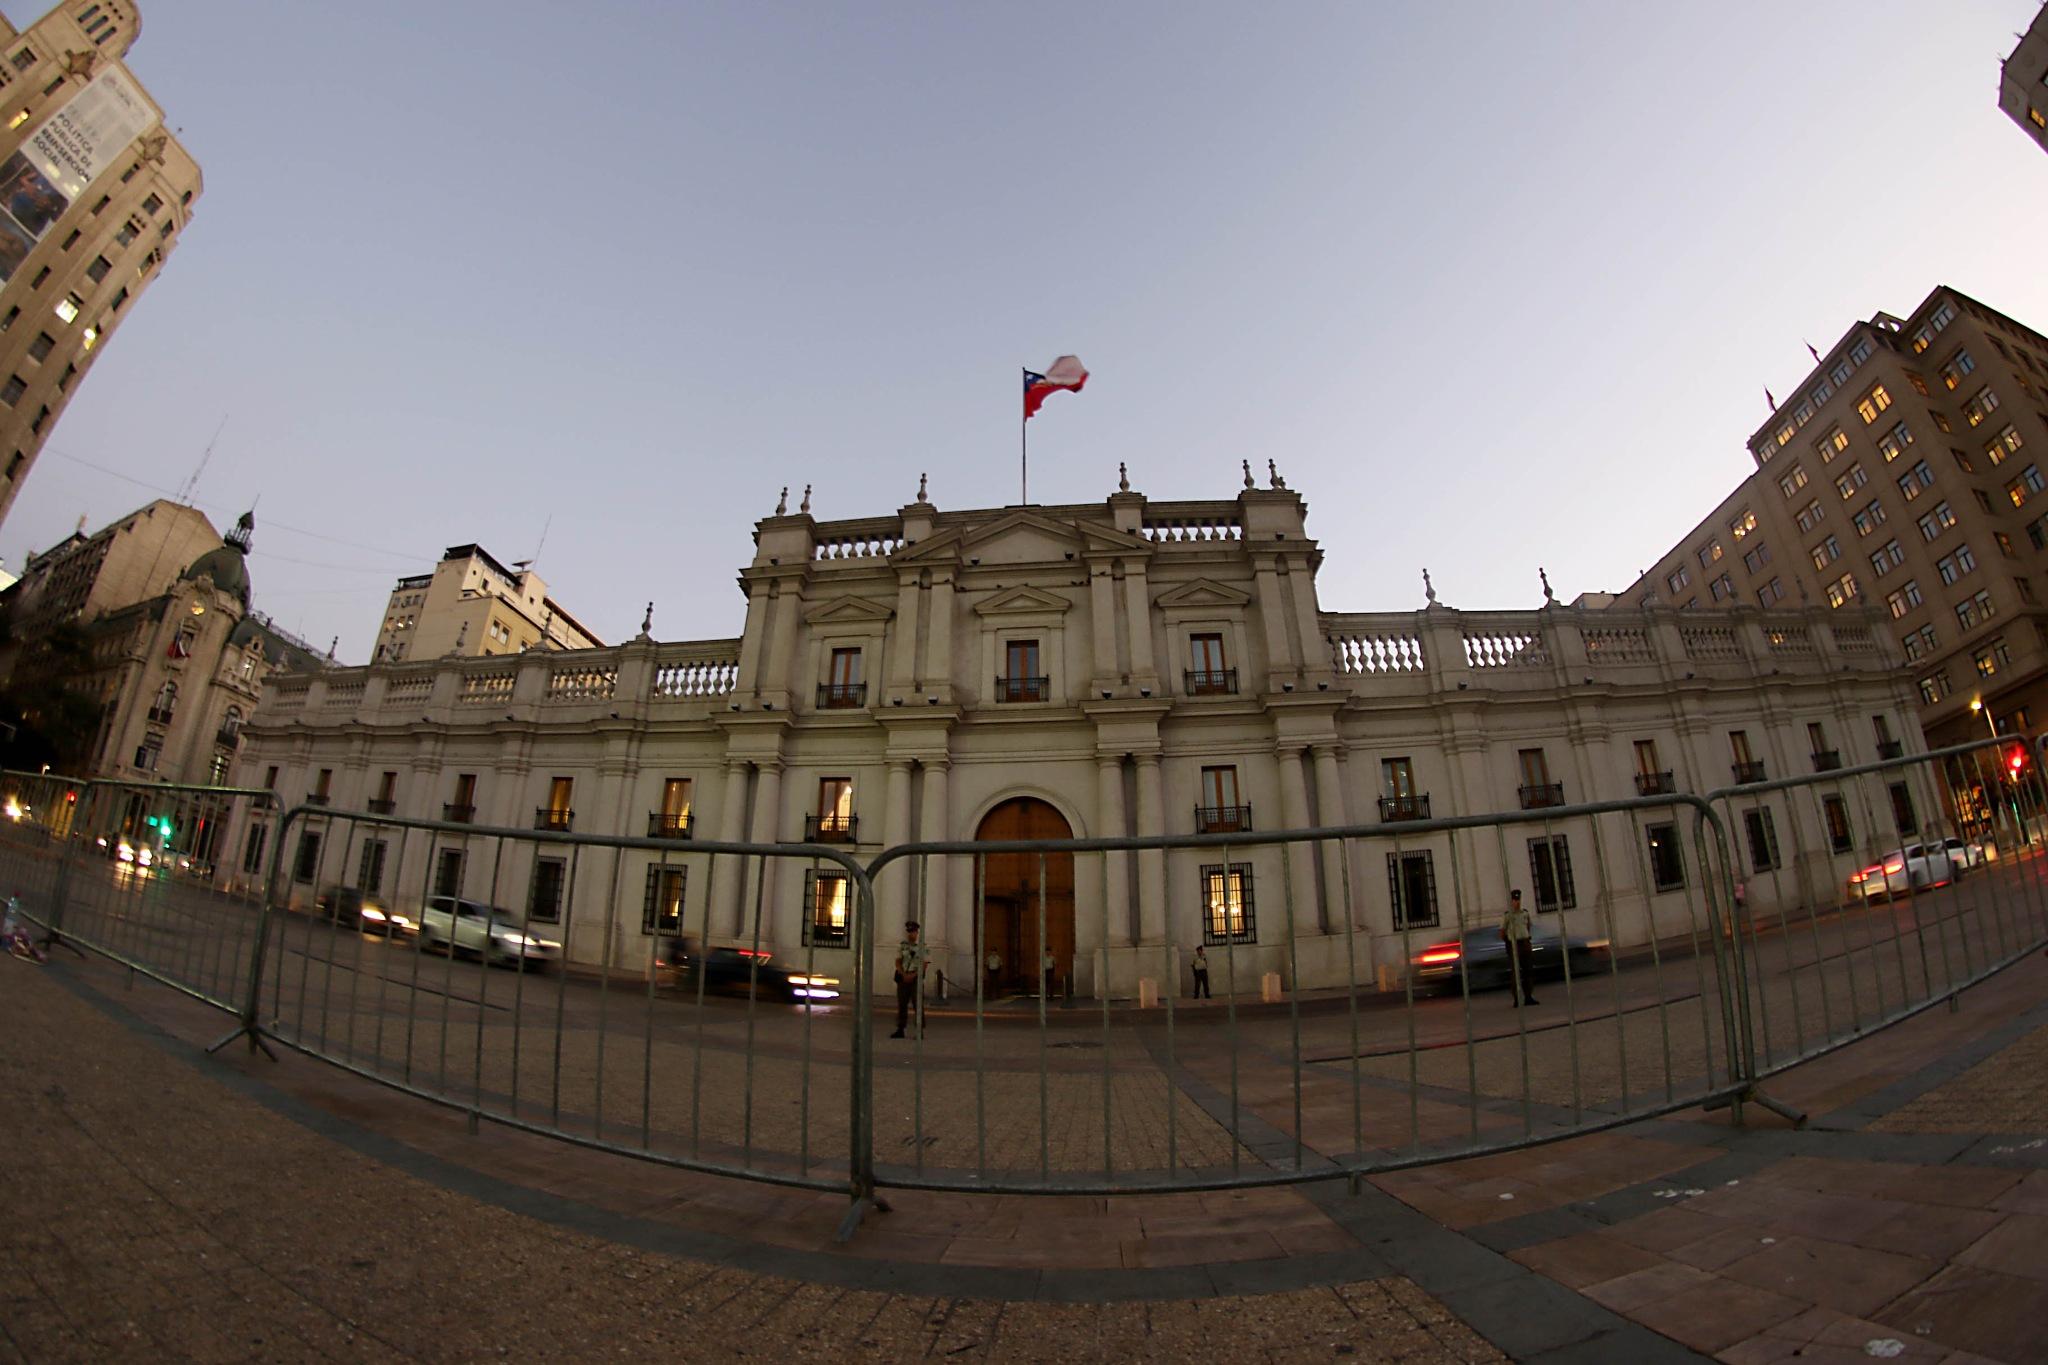 Palacio de la Moneda by Colectivo Flashderelleno